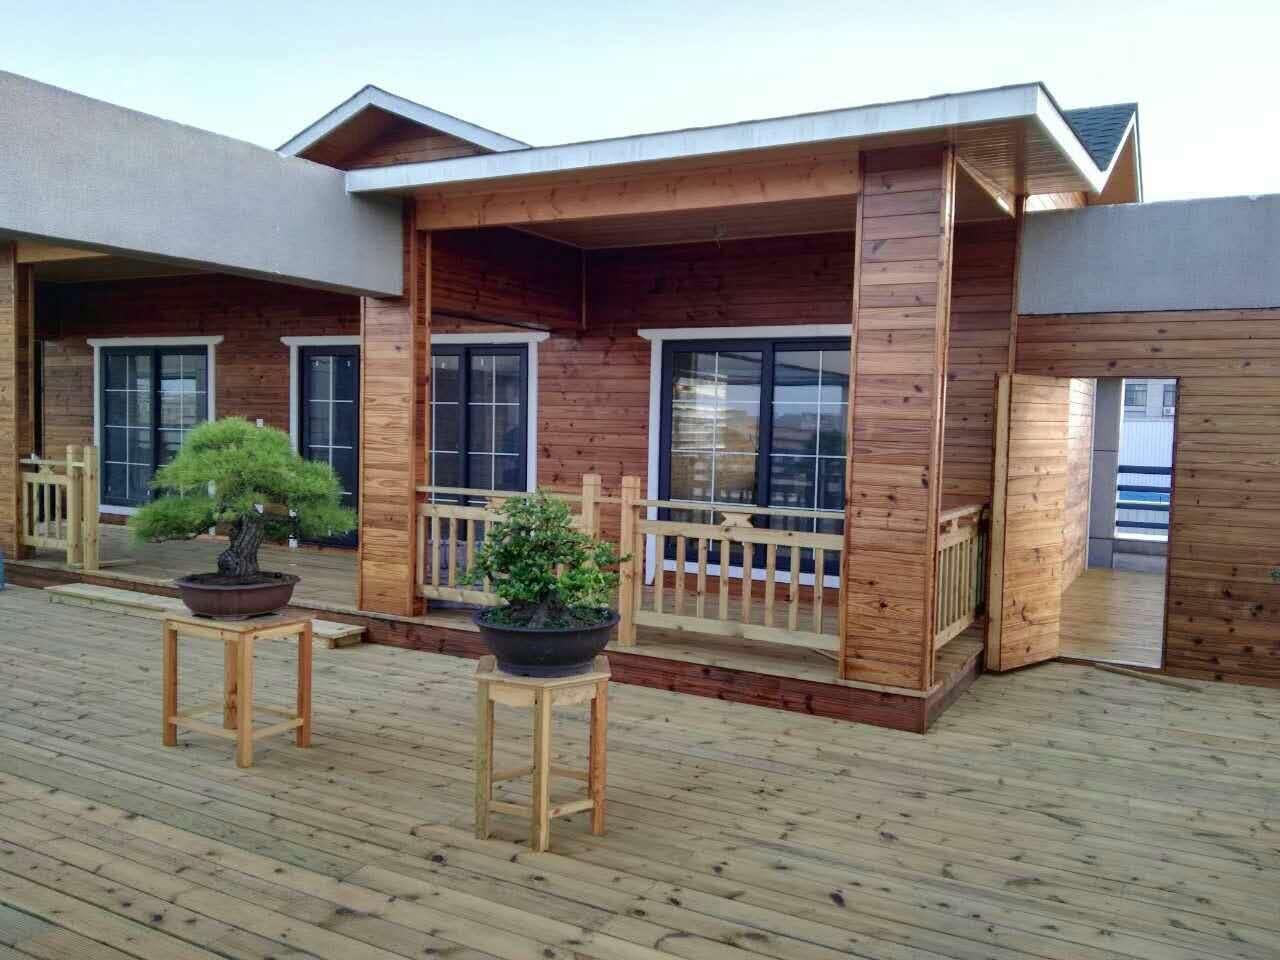 maison prfabrique bois la noblesse et la chaleur du bois massif maintenant abordable maison. Black Bedroom Furniture Sets. Home Design Ideas